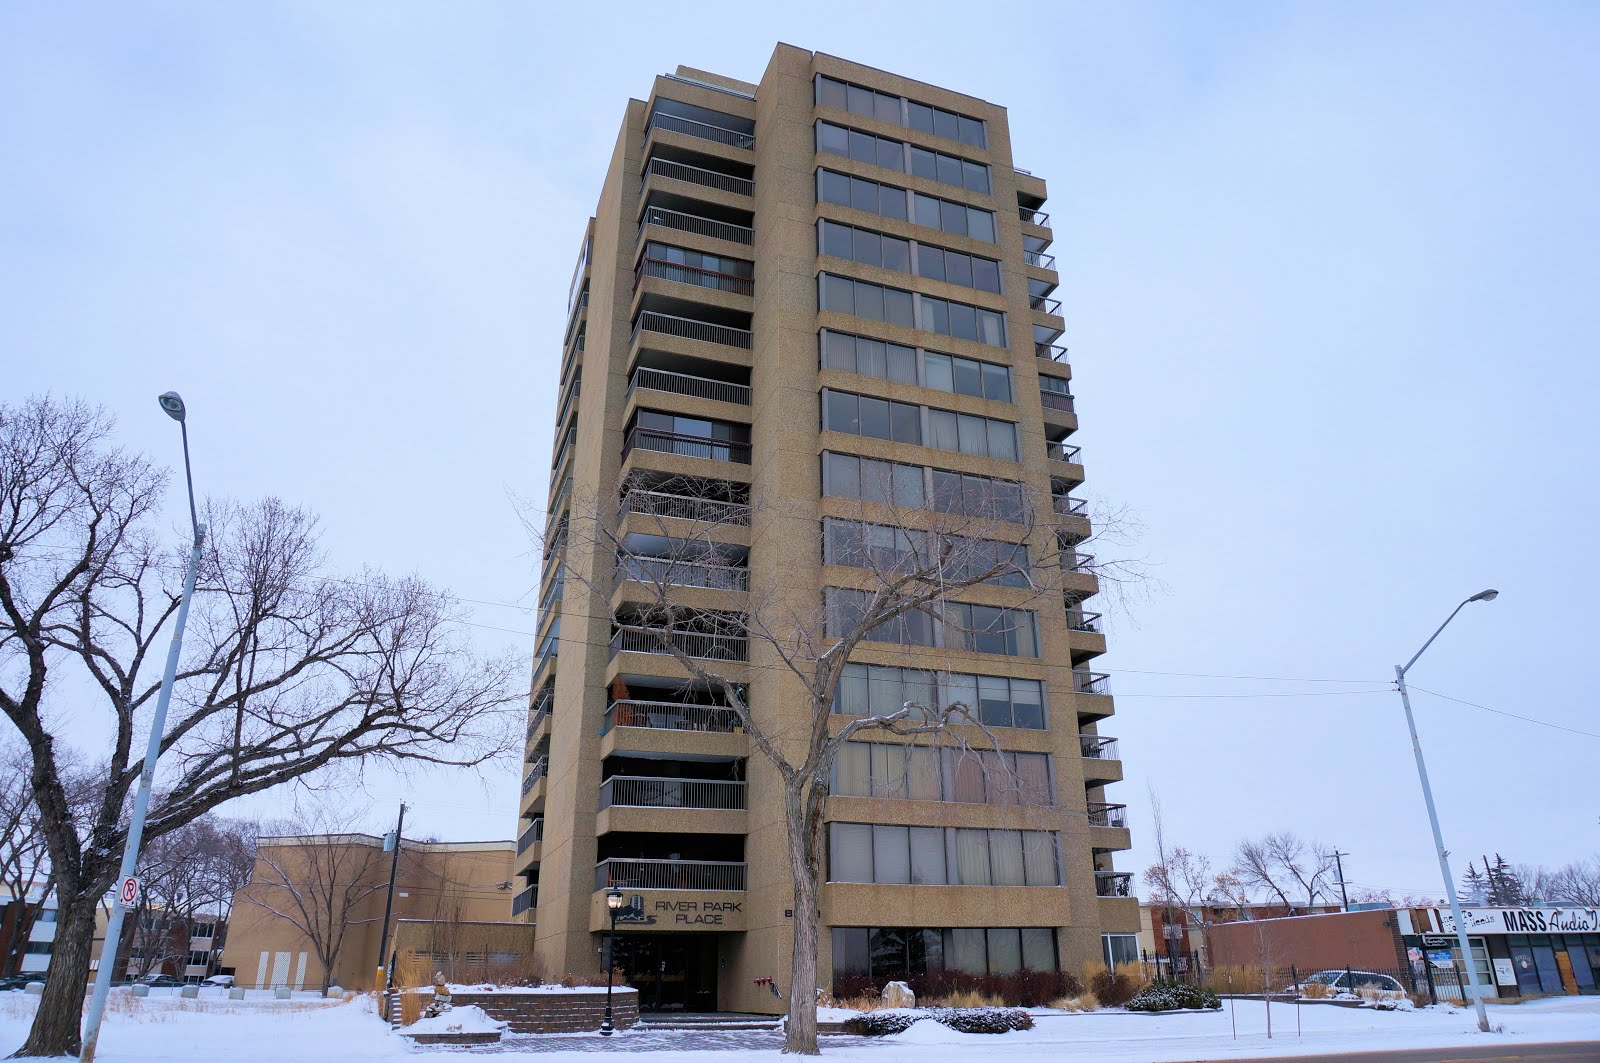 $239,900 2Bed + 1.5Bath 1,275 Sq.Ft. River Park Place For Sale